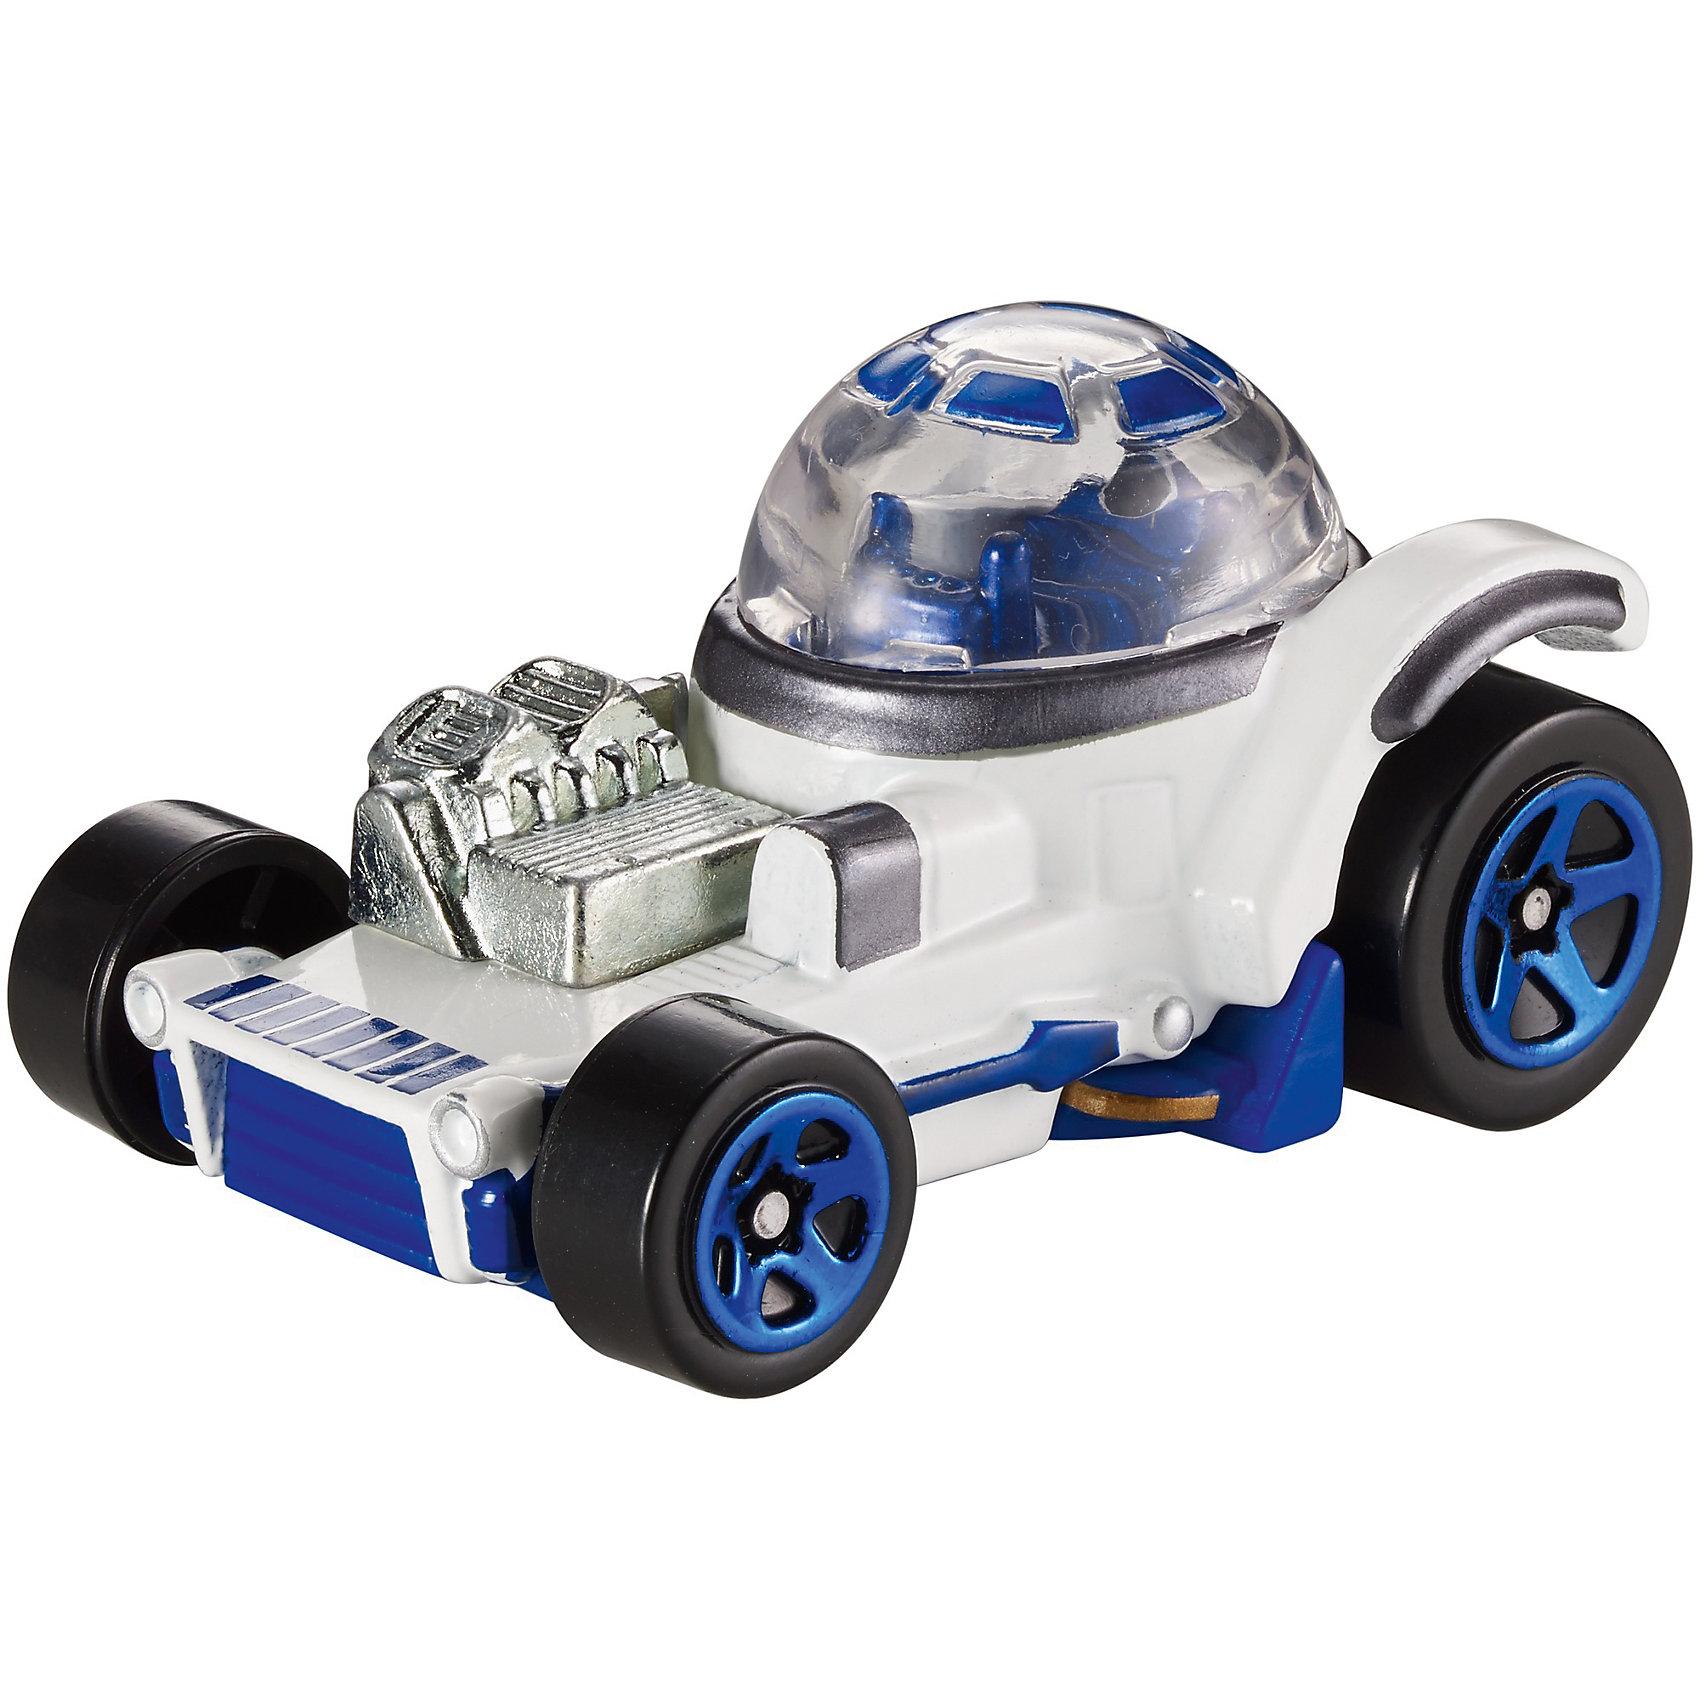 Машинка R2-D2 SW, Hot WheelsЗвездные войны<br><br><br>Ширина мм: 140<br>Глубина мм: 40<br>Высота мм: 165<br>Вес г: 91<br>Возраст от месяцев: 36<br>Возраст до месяцев: 72<br>Пол: Мужской<br>Возраст: Детский<br>SKU: 5440264